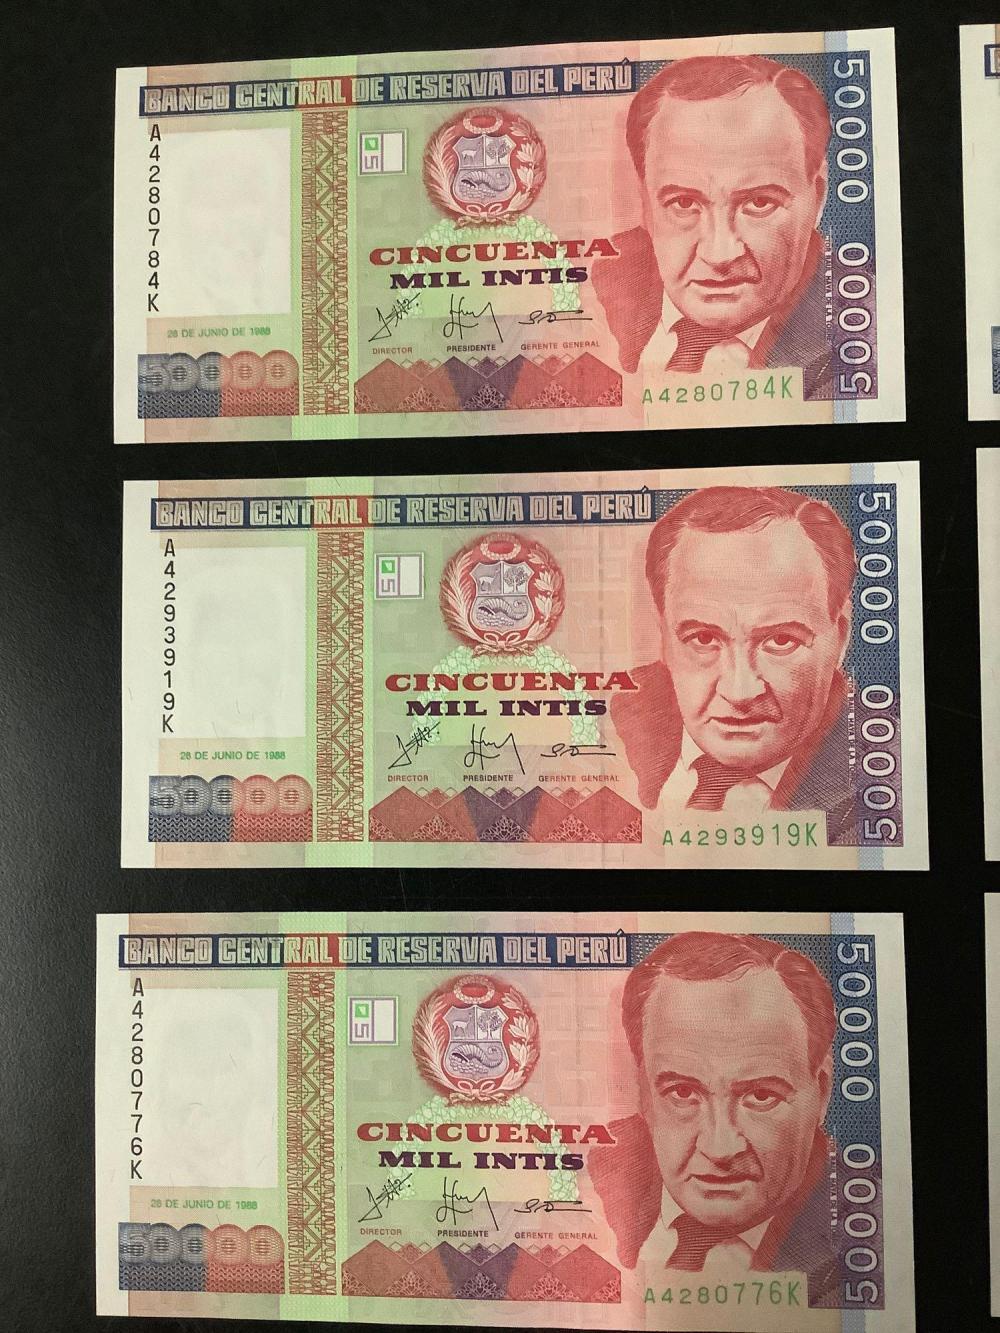 Lot 354: 10 uncirculated Peru 50,000 bank notes (1988) - Banco Central De Reserve Del Peru